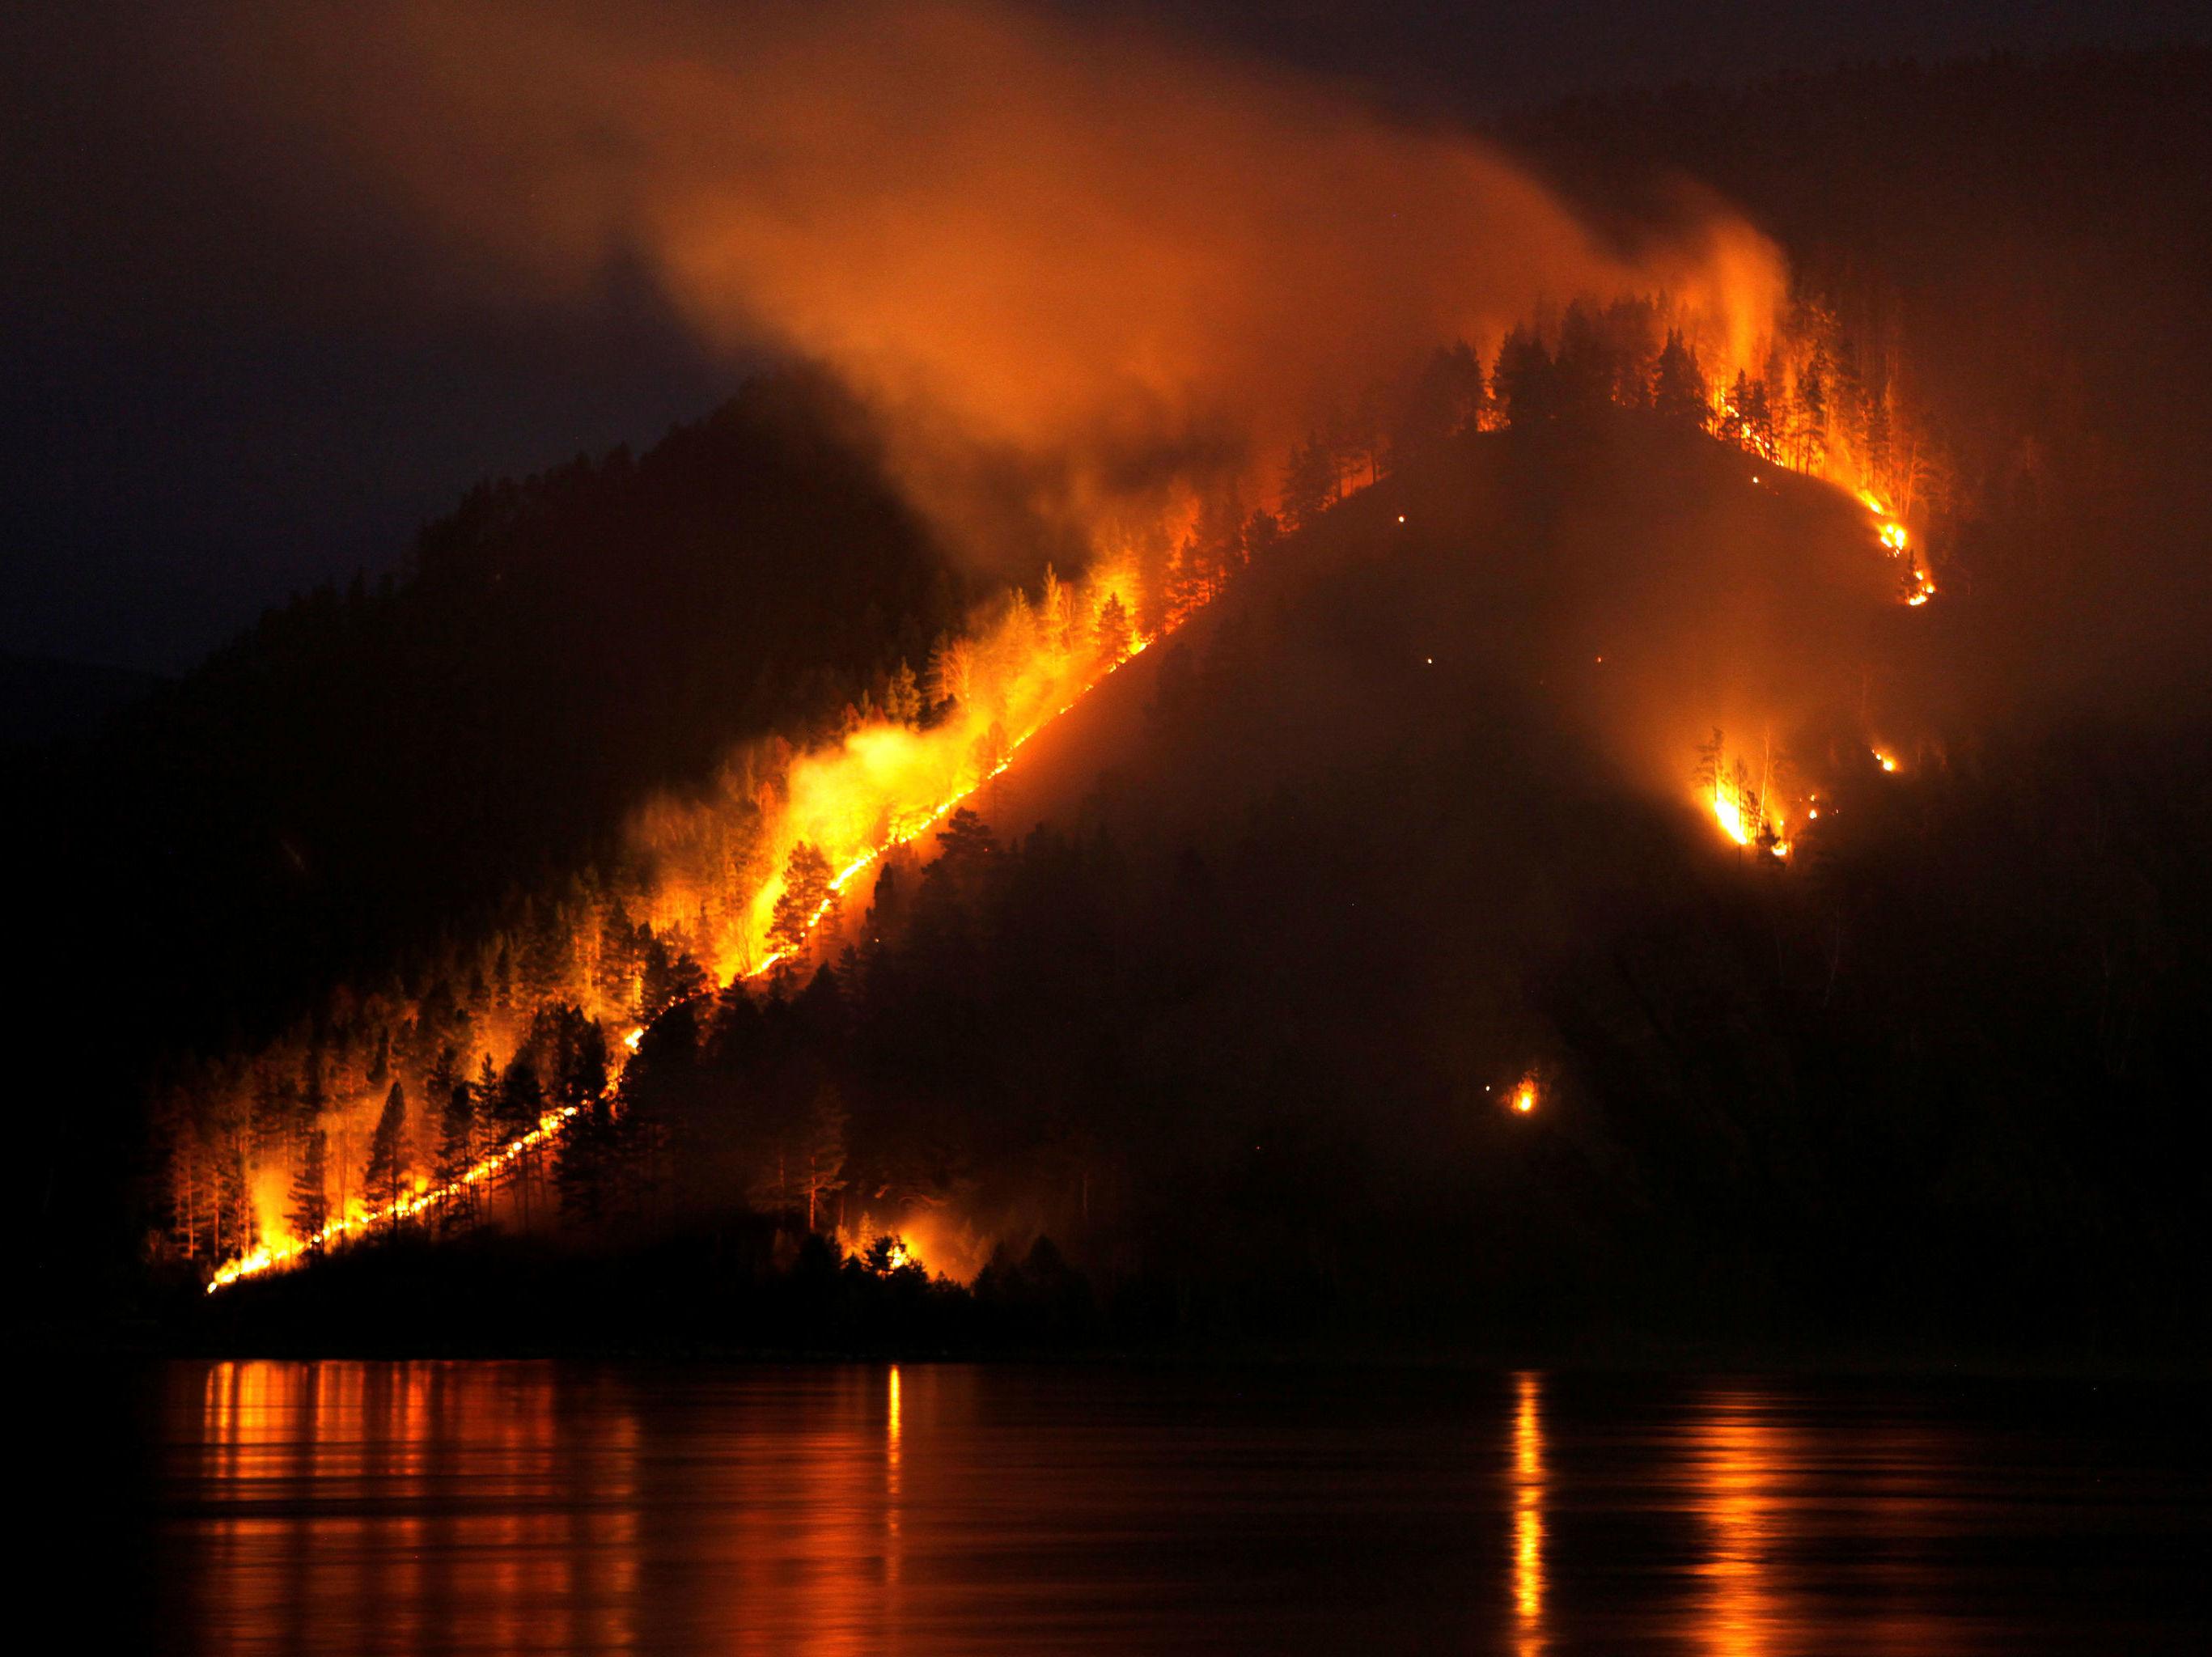 Incêndio florestal no distrito de Taiga, perto da cidade siberiana de Krasnoyarsk (arquivo)